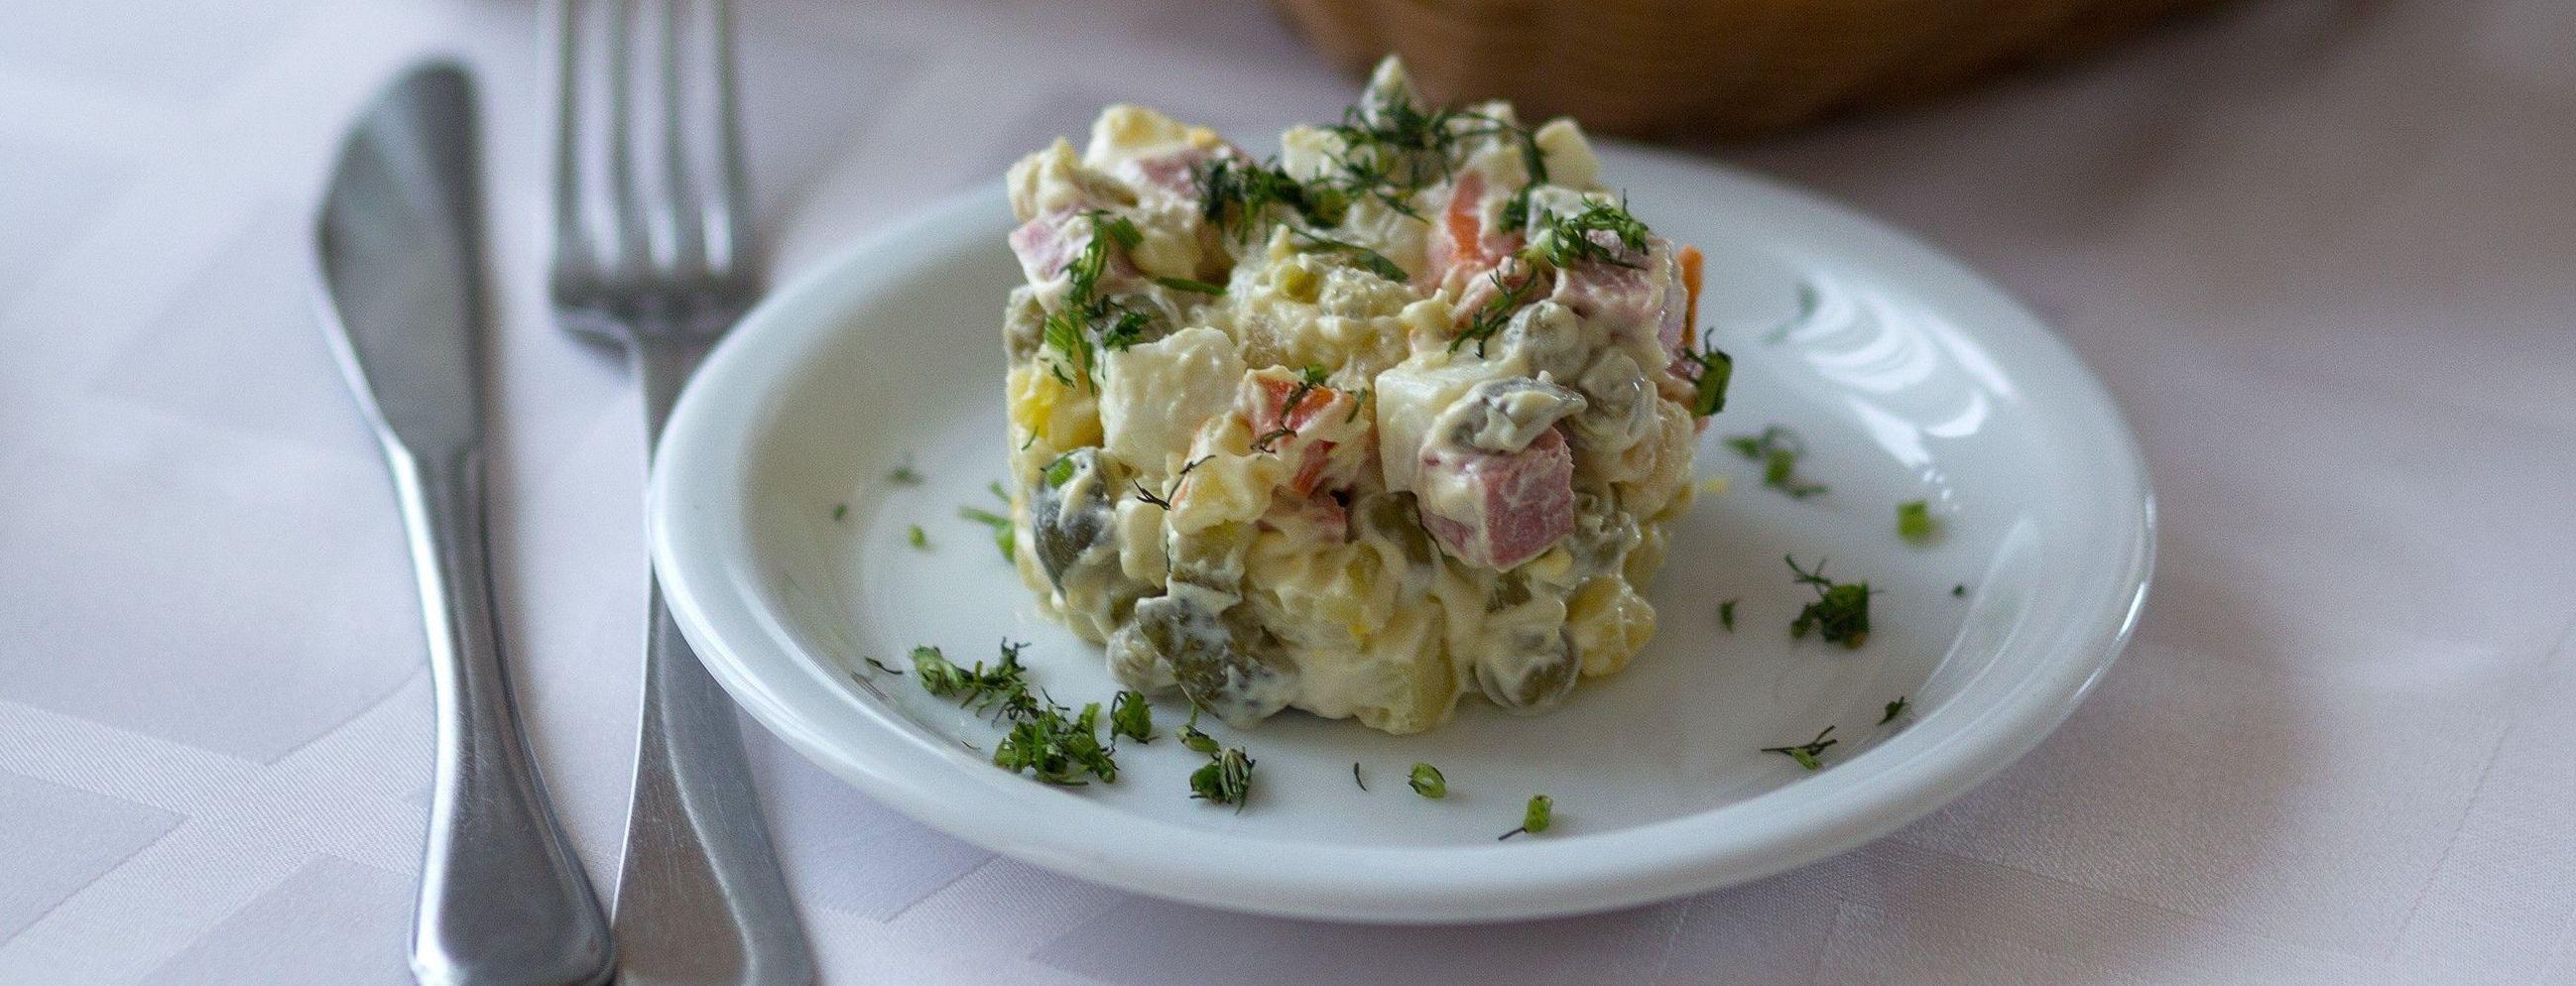 Головний салат зими: 4 оригінальних рецепти салату олів'є